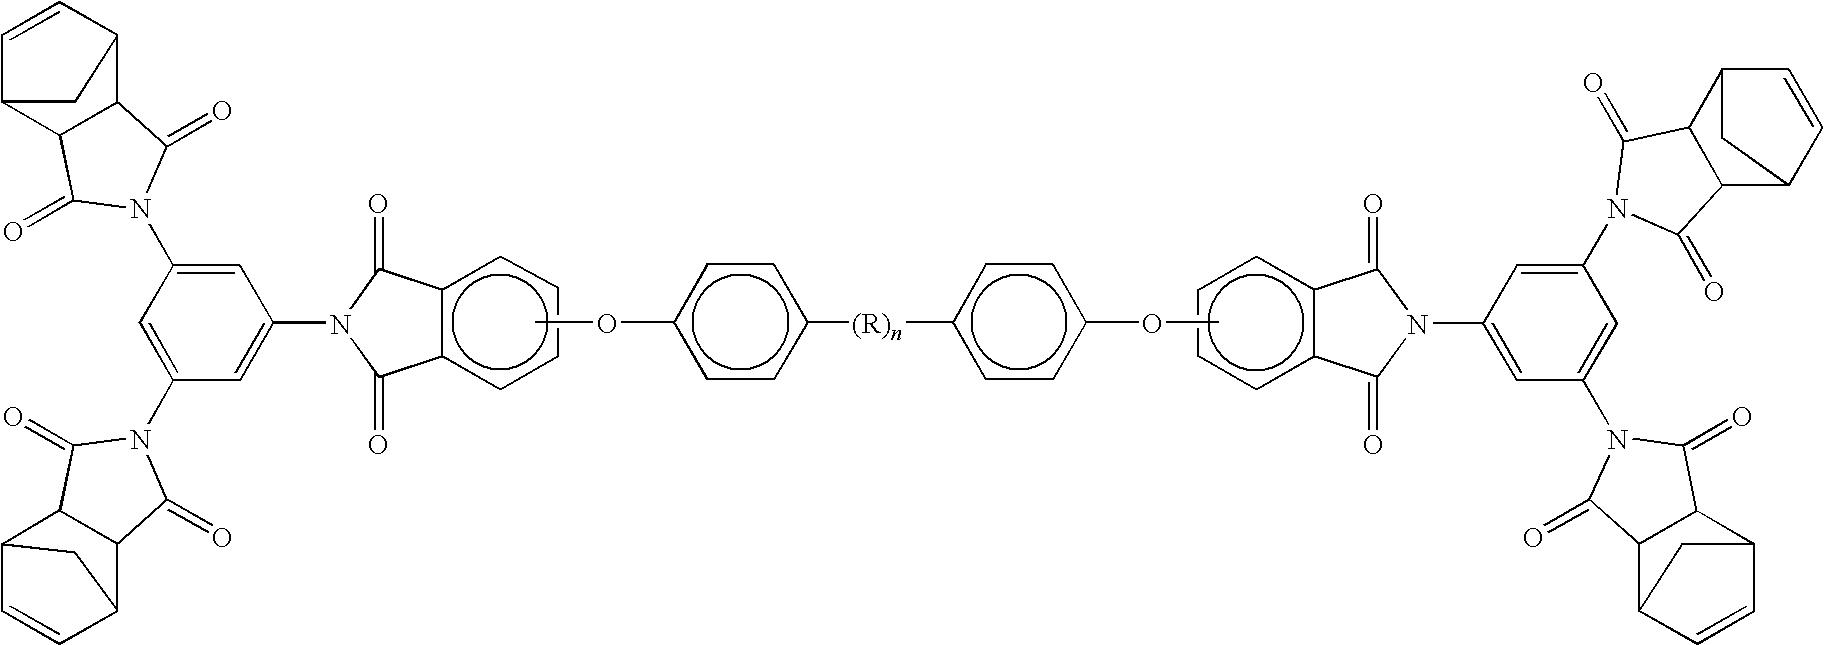 Figure US07825211-20101102-C00003